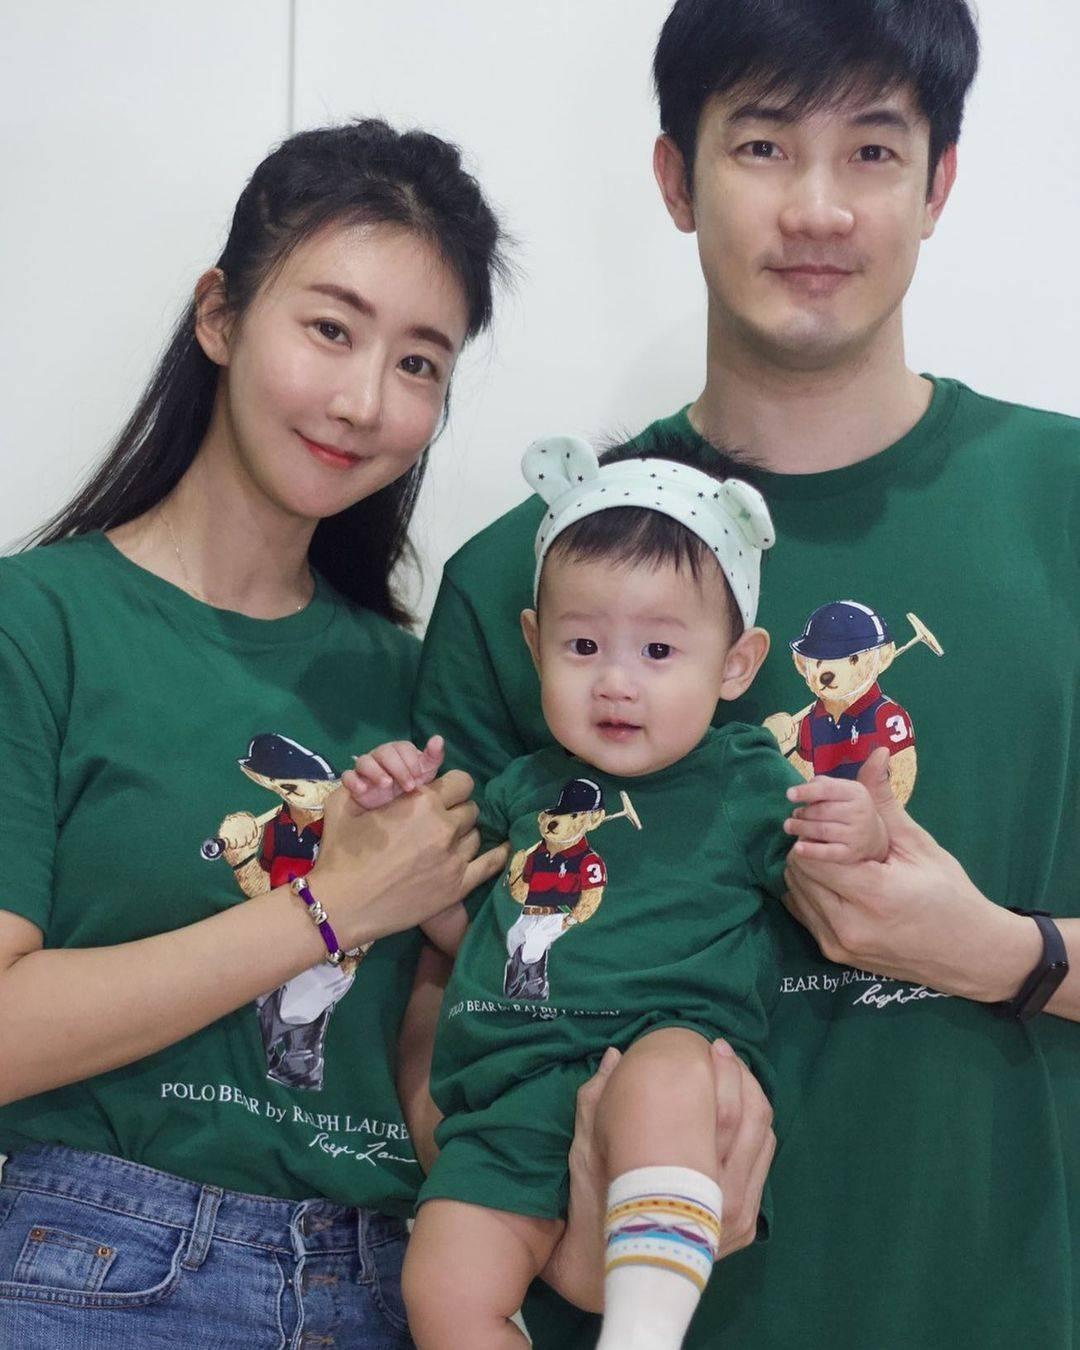 อ้วน-มะม่วง-น้องโรฮา ขอบคุณภาพจากไอจี @auan_rangsit